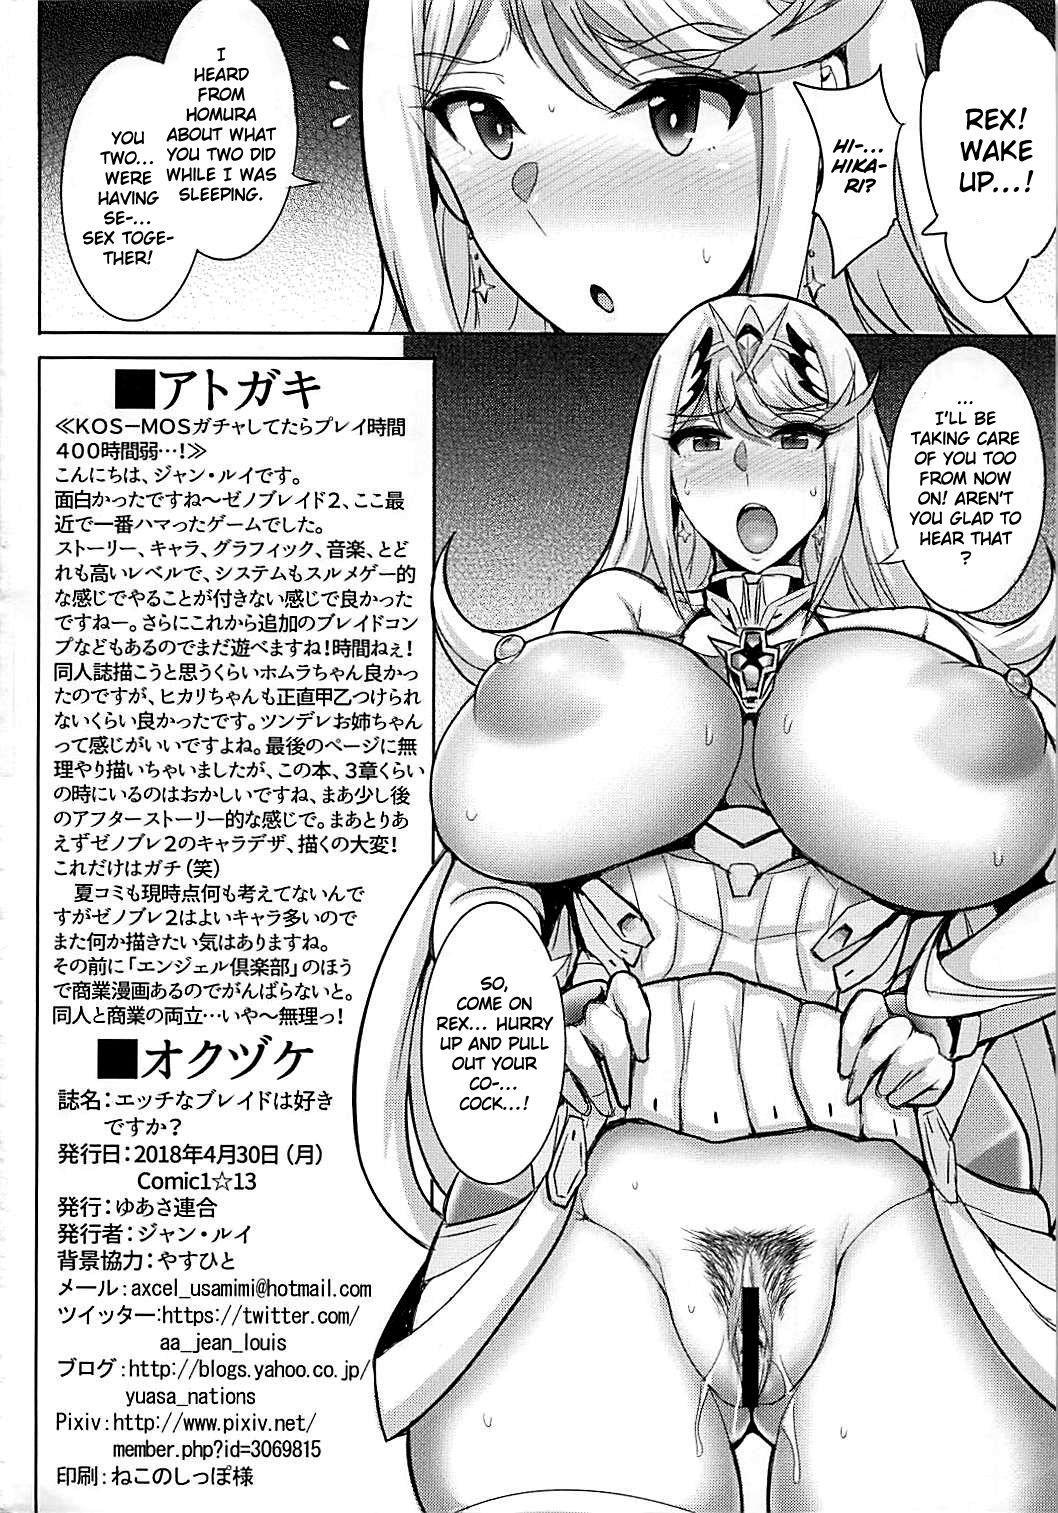 Ecchi na Blade wa Suki desu ka? | Do You Prefer a Lewd Blade? 16